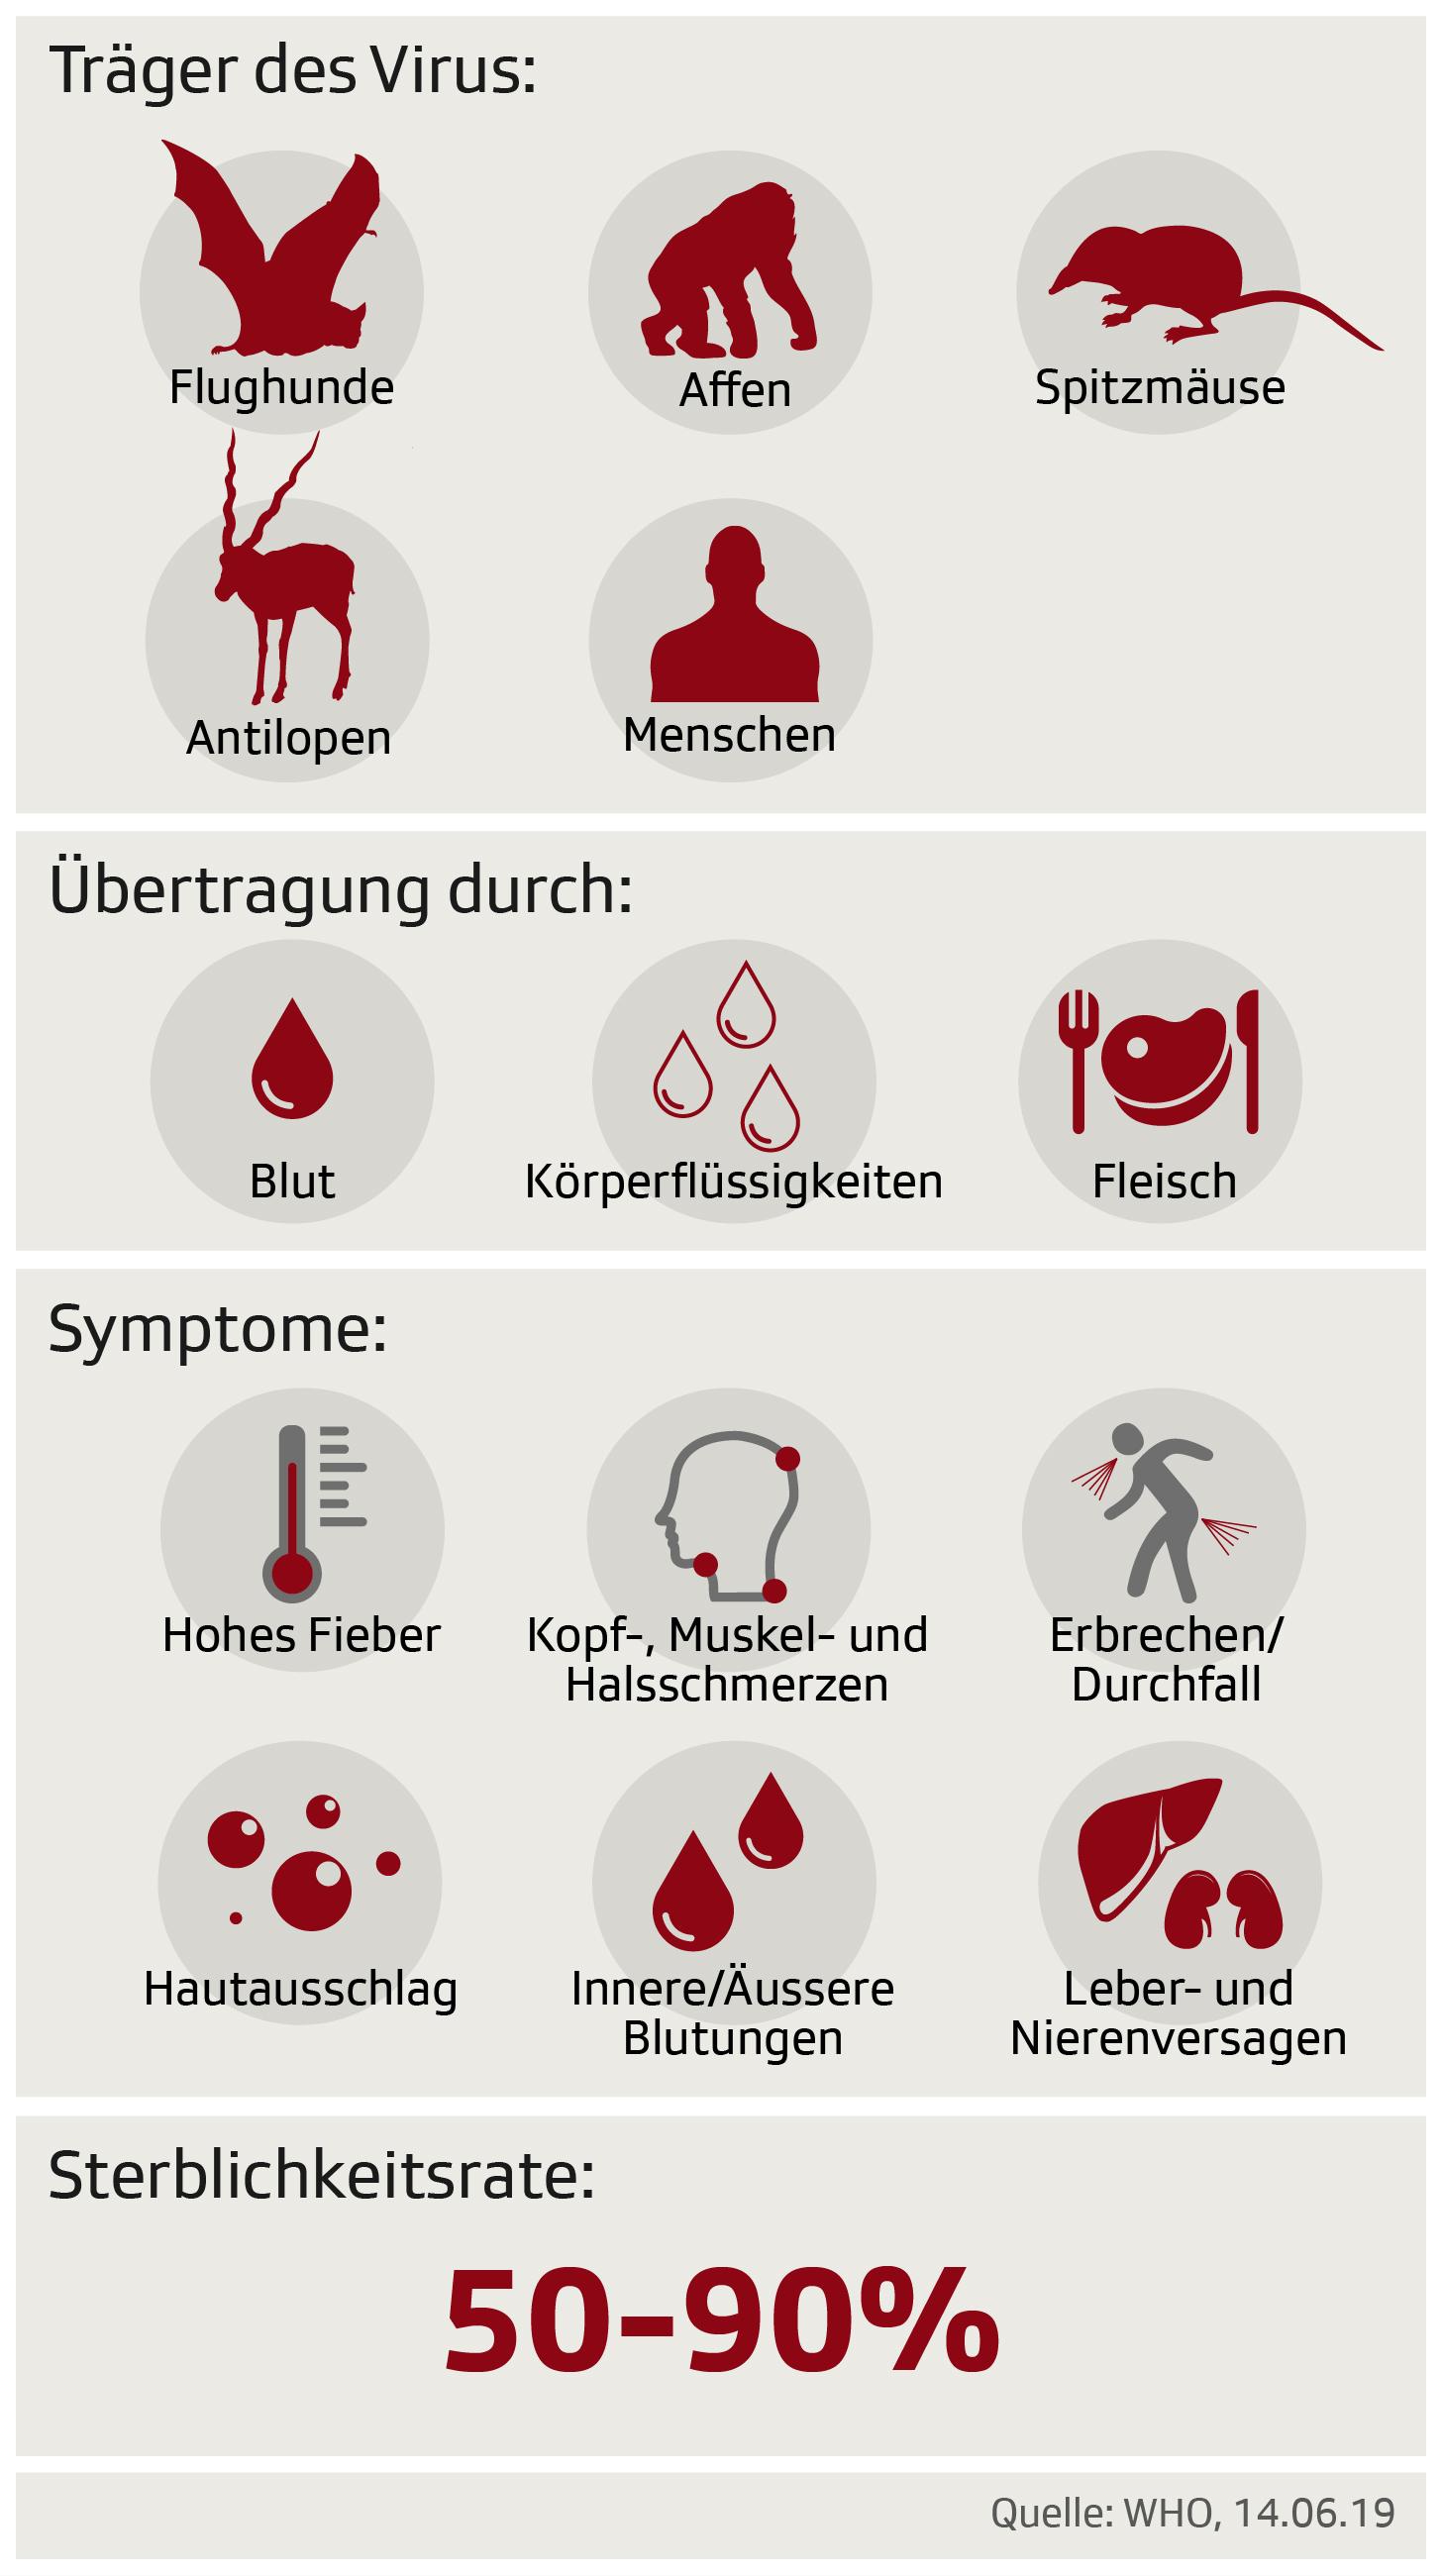 Grafik zeigt die Ansteckungsrisiken durch Ebola